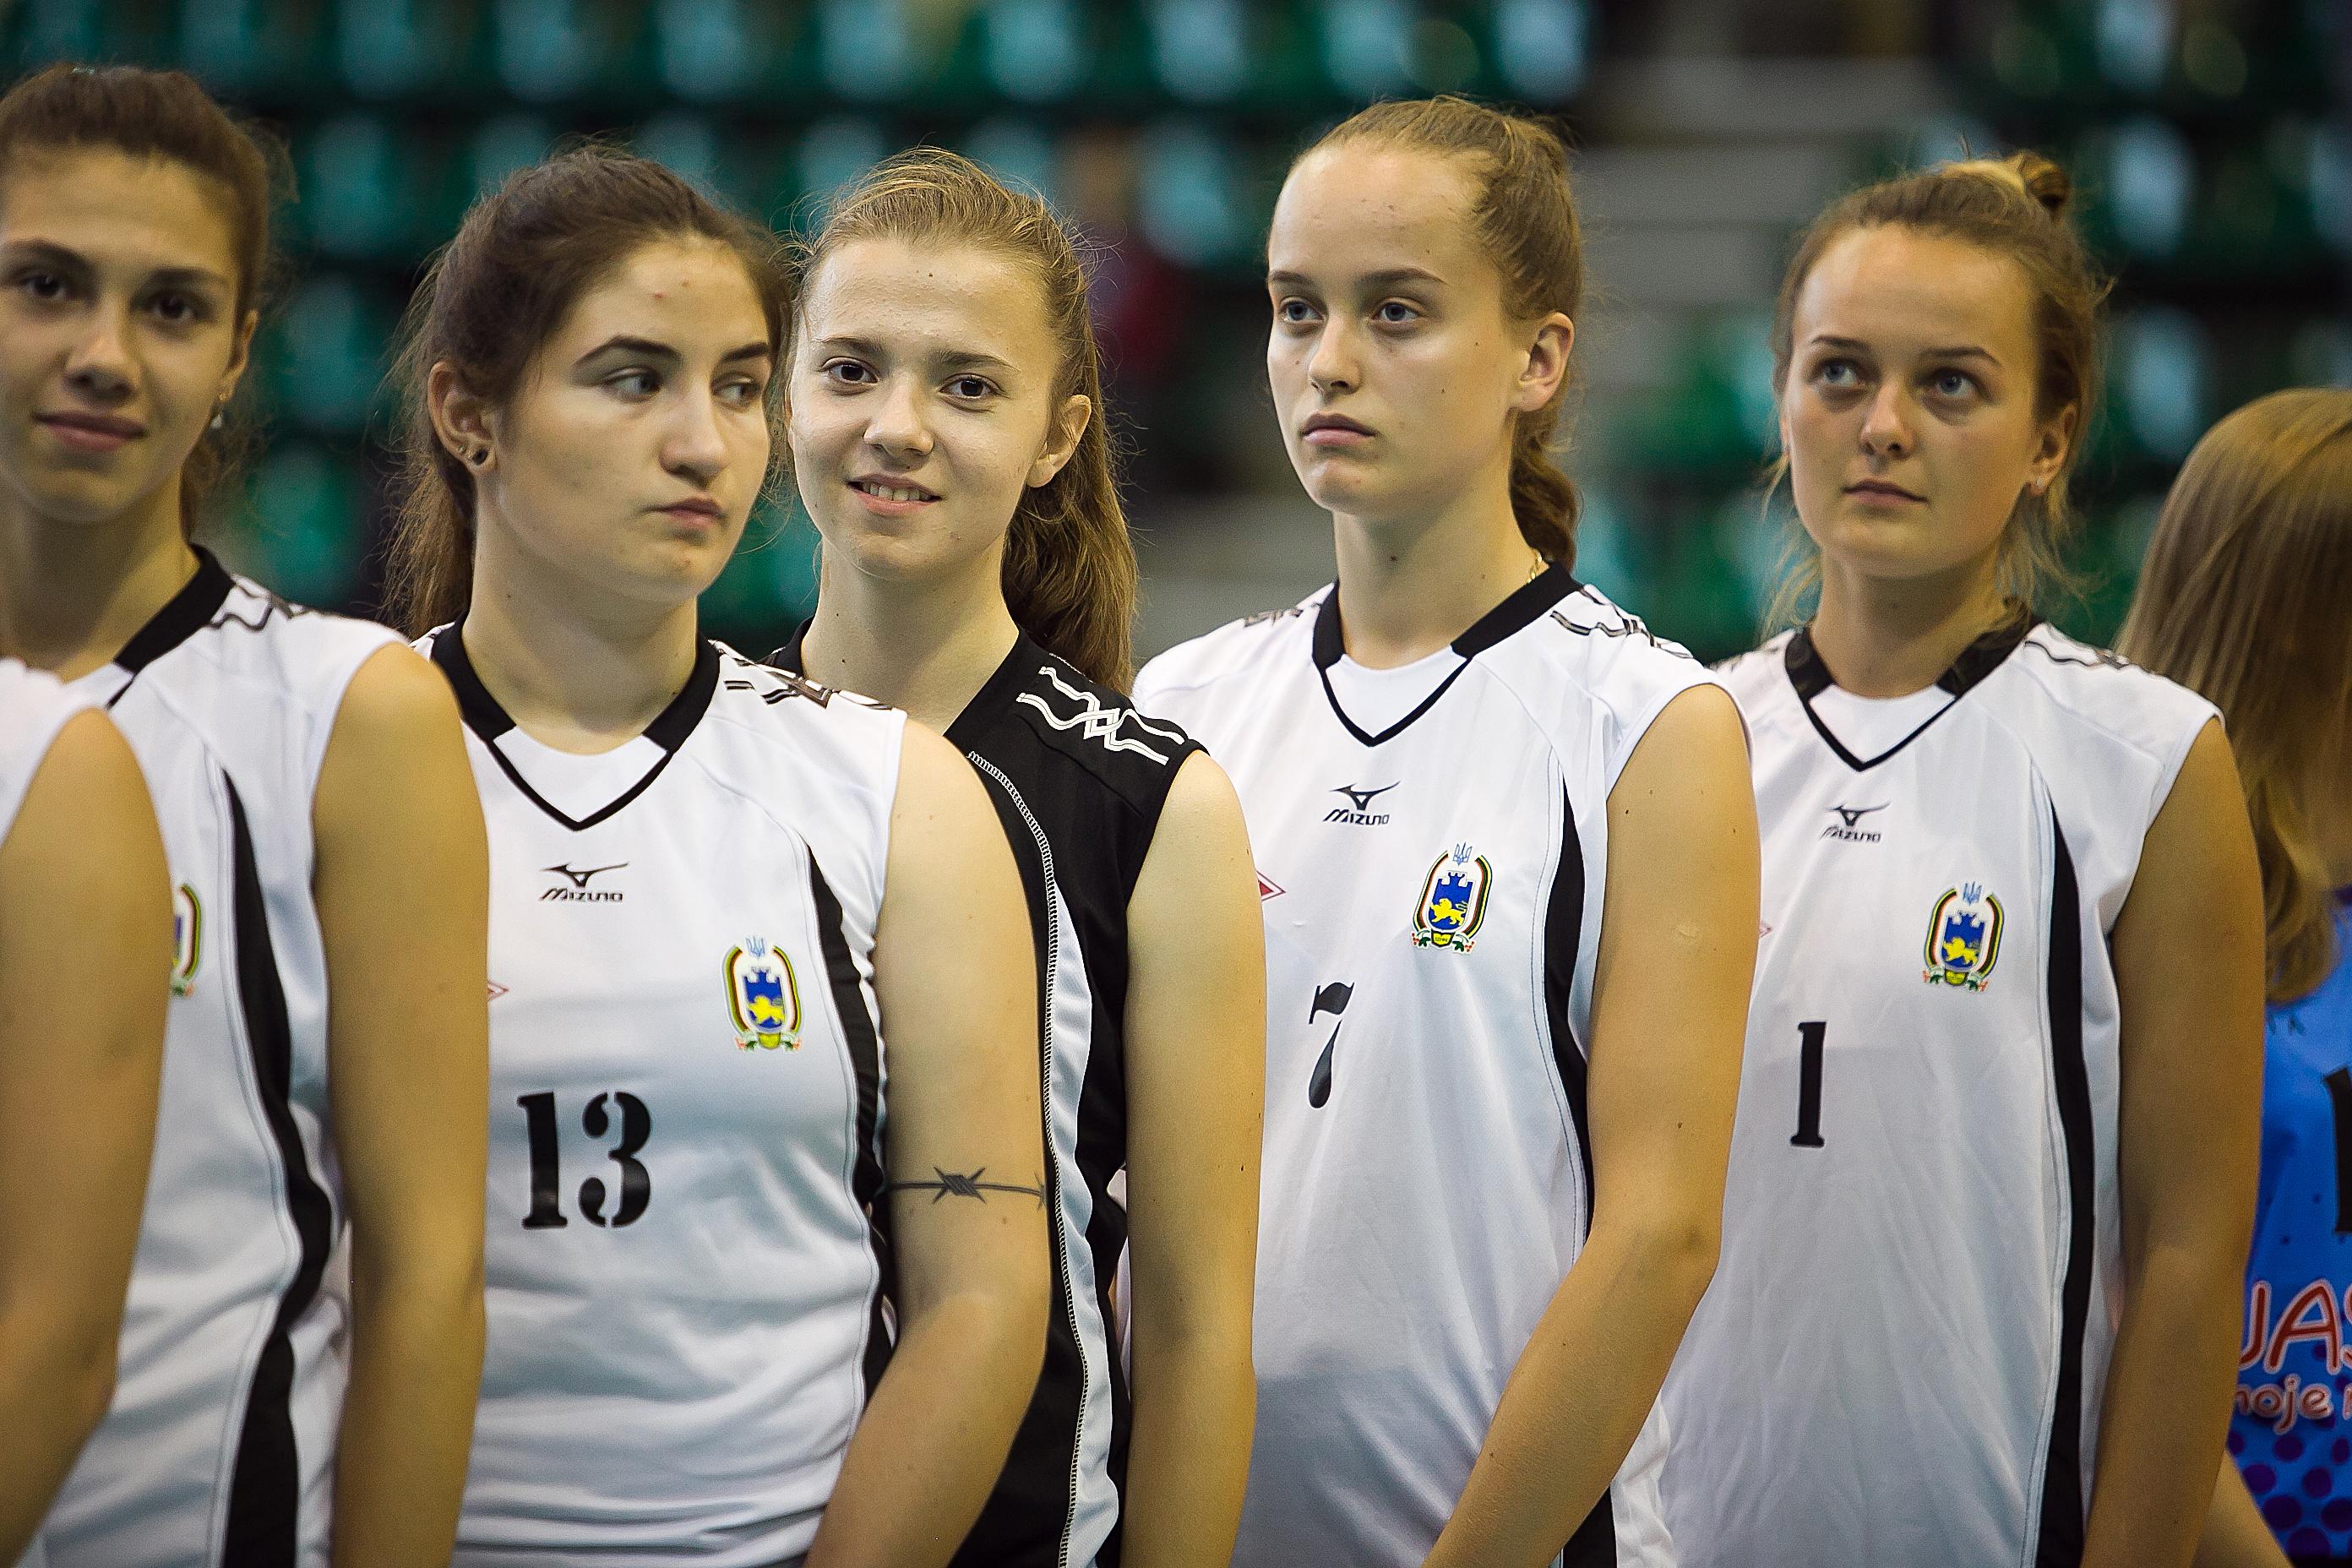 Відкритий Кубок Львова  з волейболу. Відкриття. ФОТОЗВІТ - 10